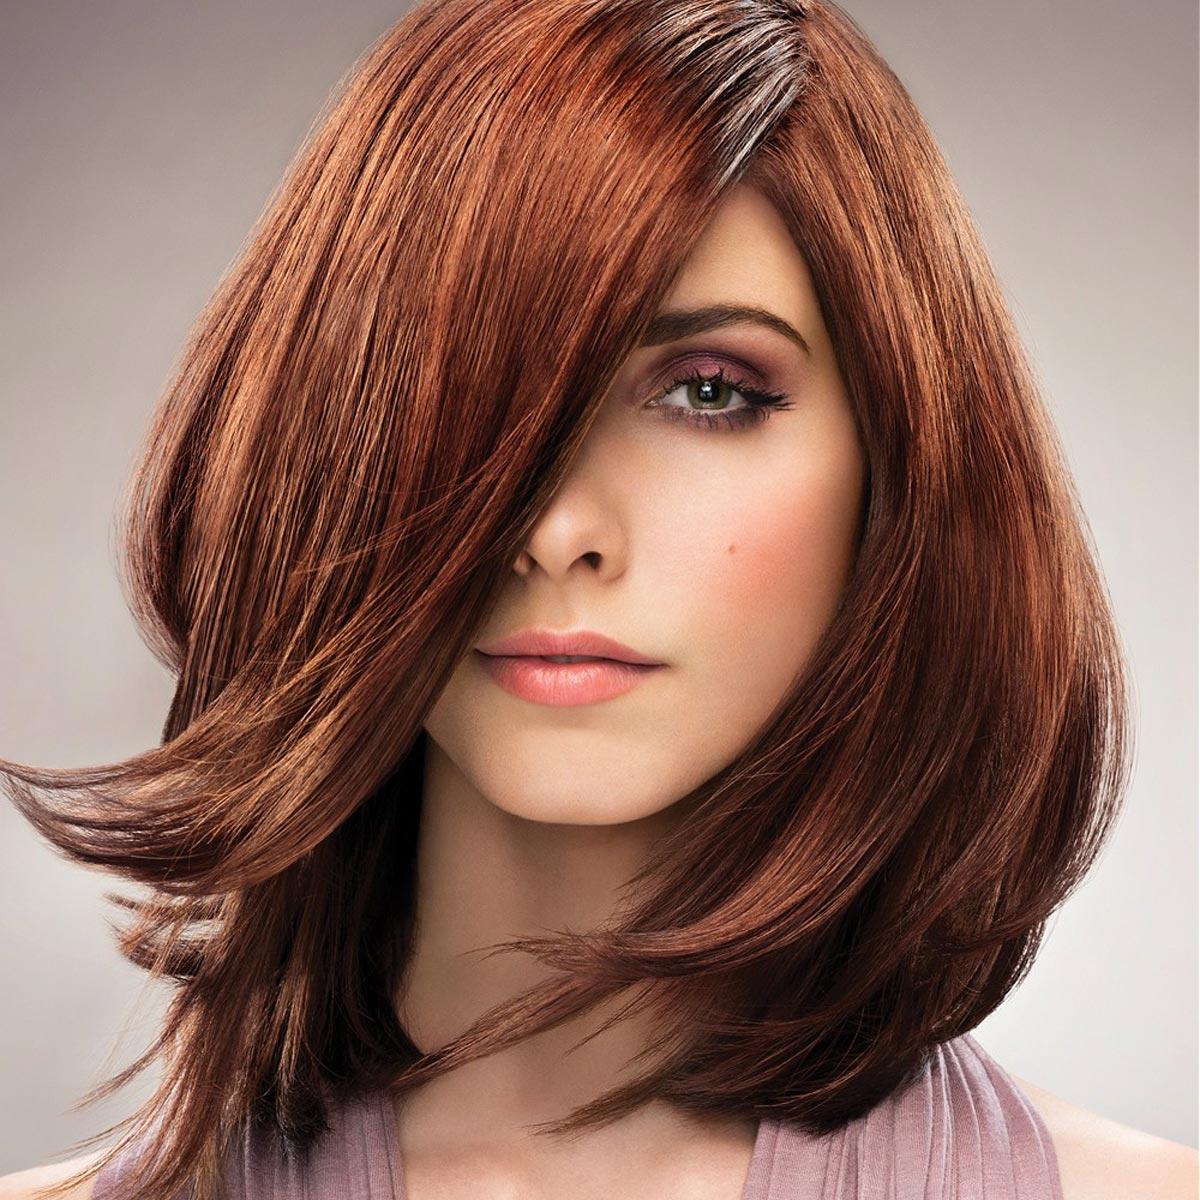 Účes a barva z portfolia Paul Mitchell dokazuje, že měděná barva na vlasy není tabu ani pro ženy se snědou pletí.